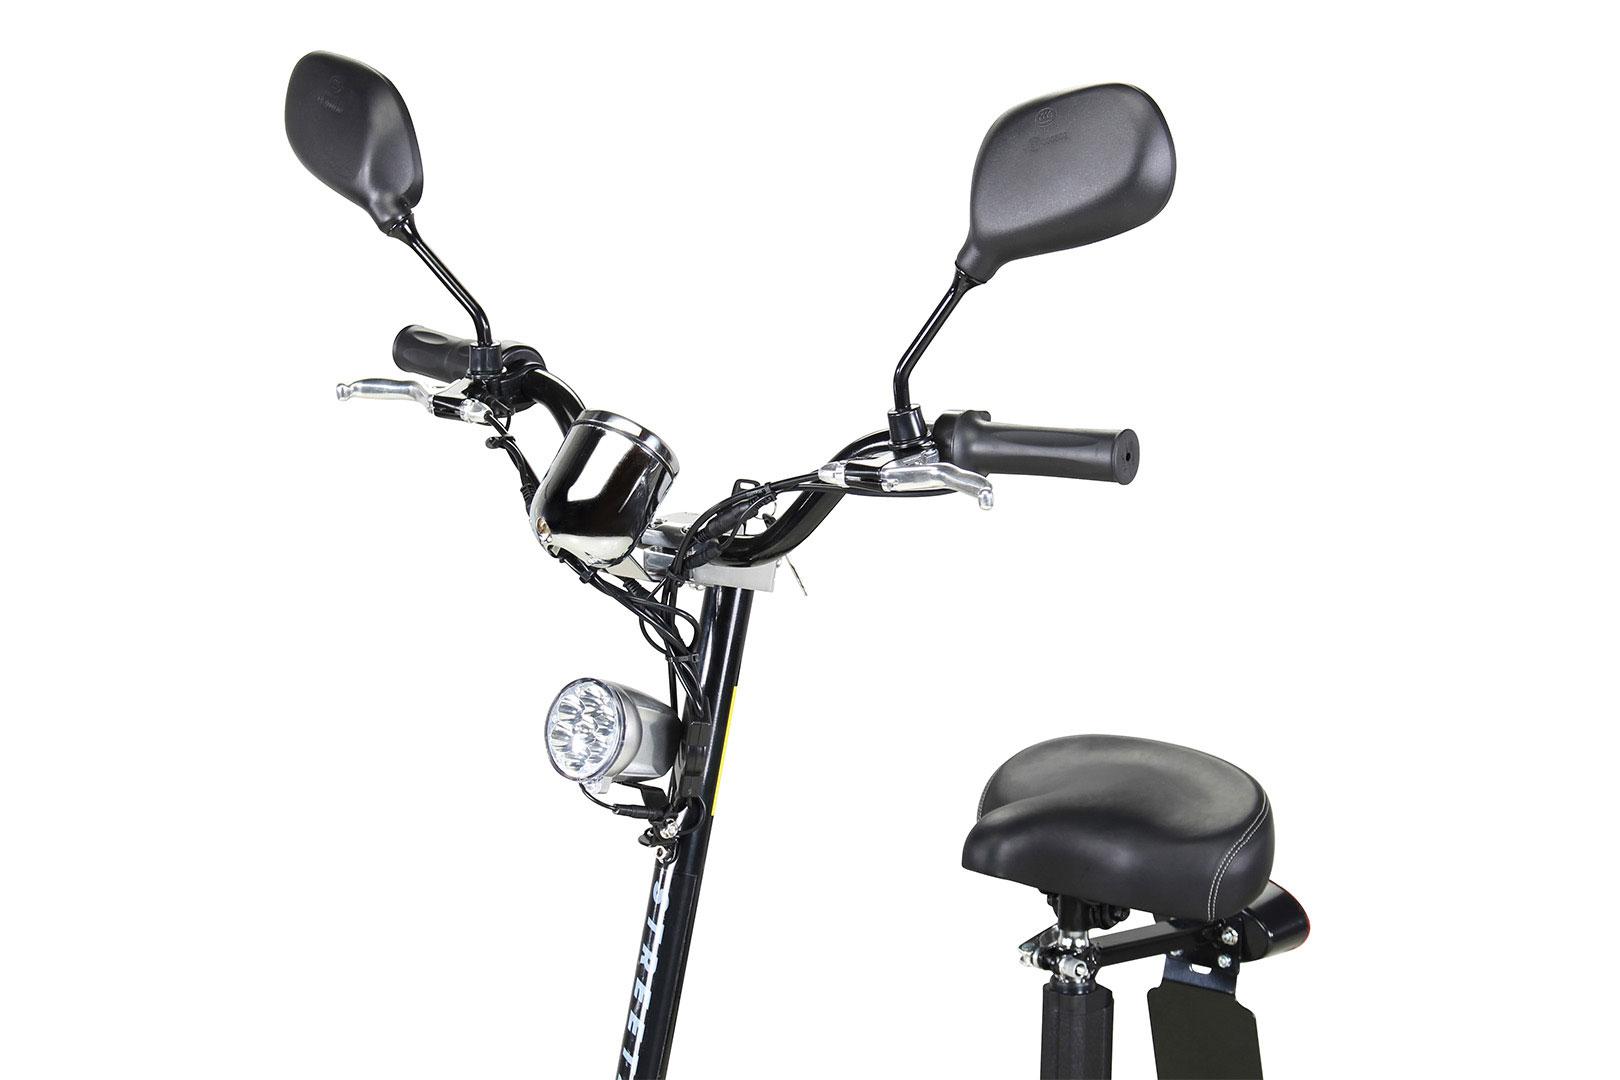 Elektroroller S20 schwarz mit Zulassung / E-Roller mit Sitz Bild 7